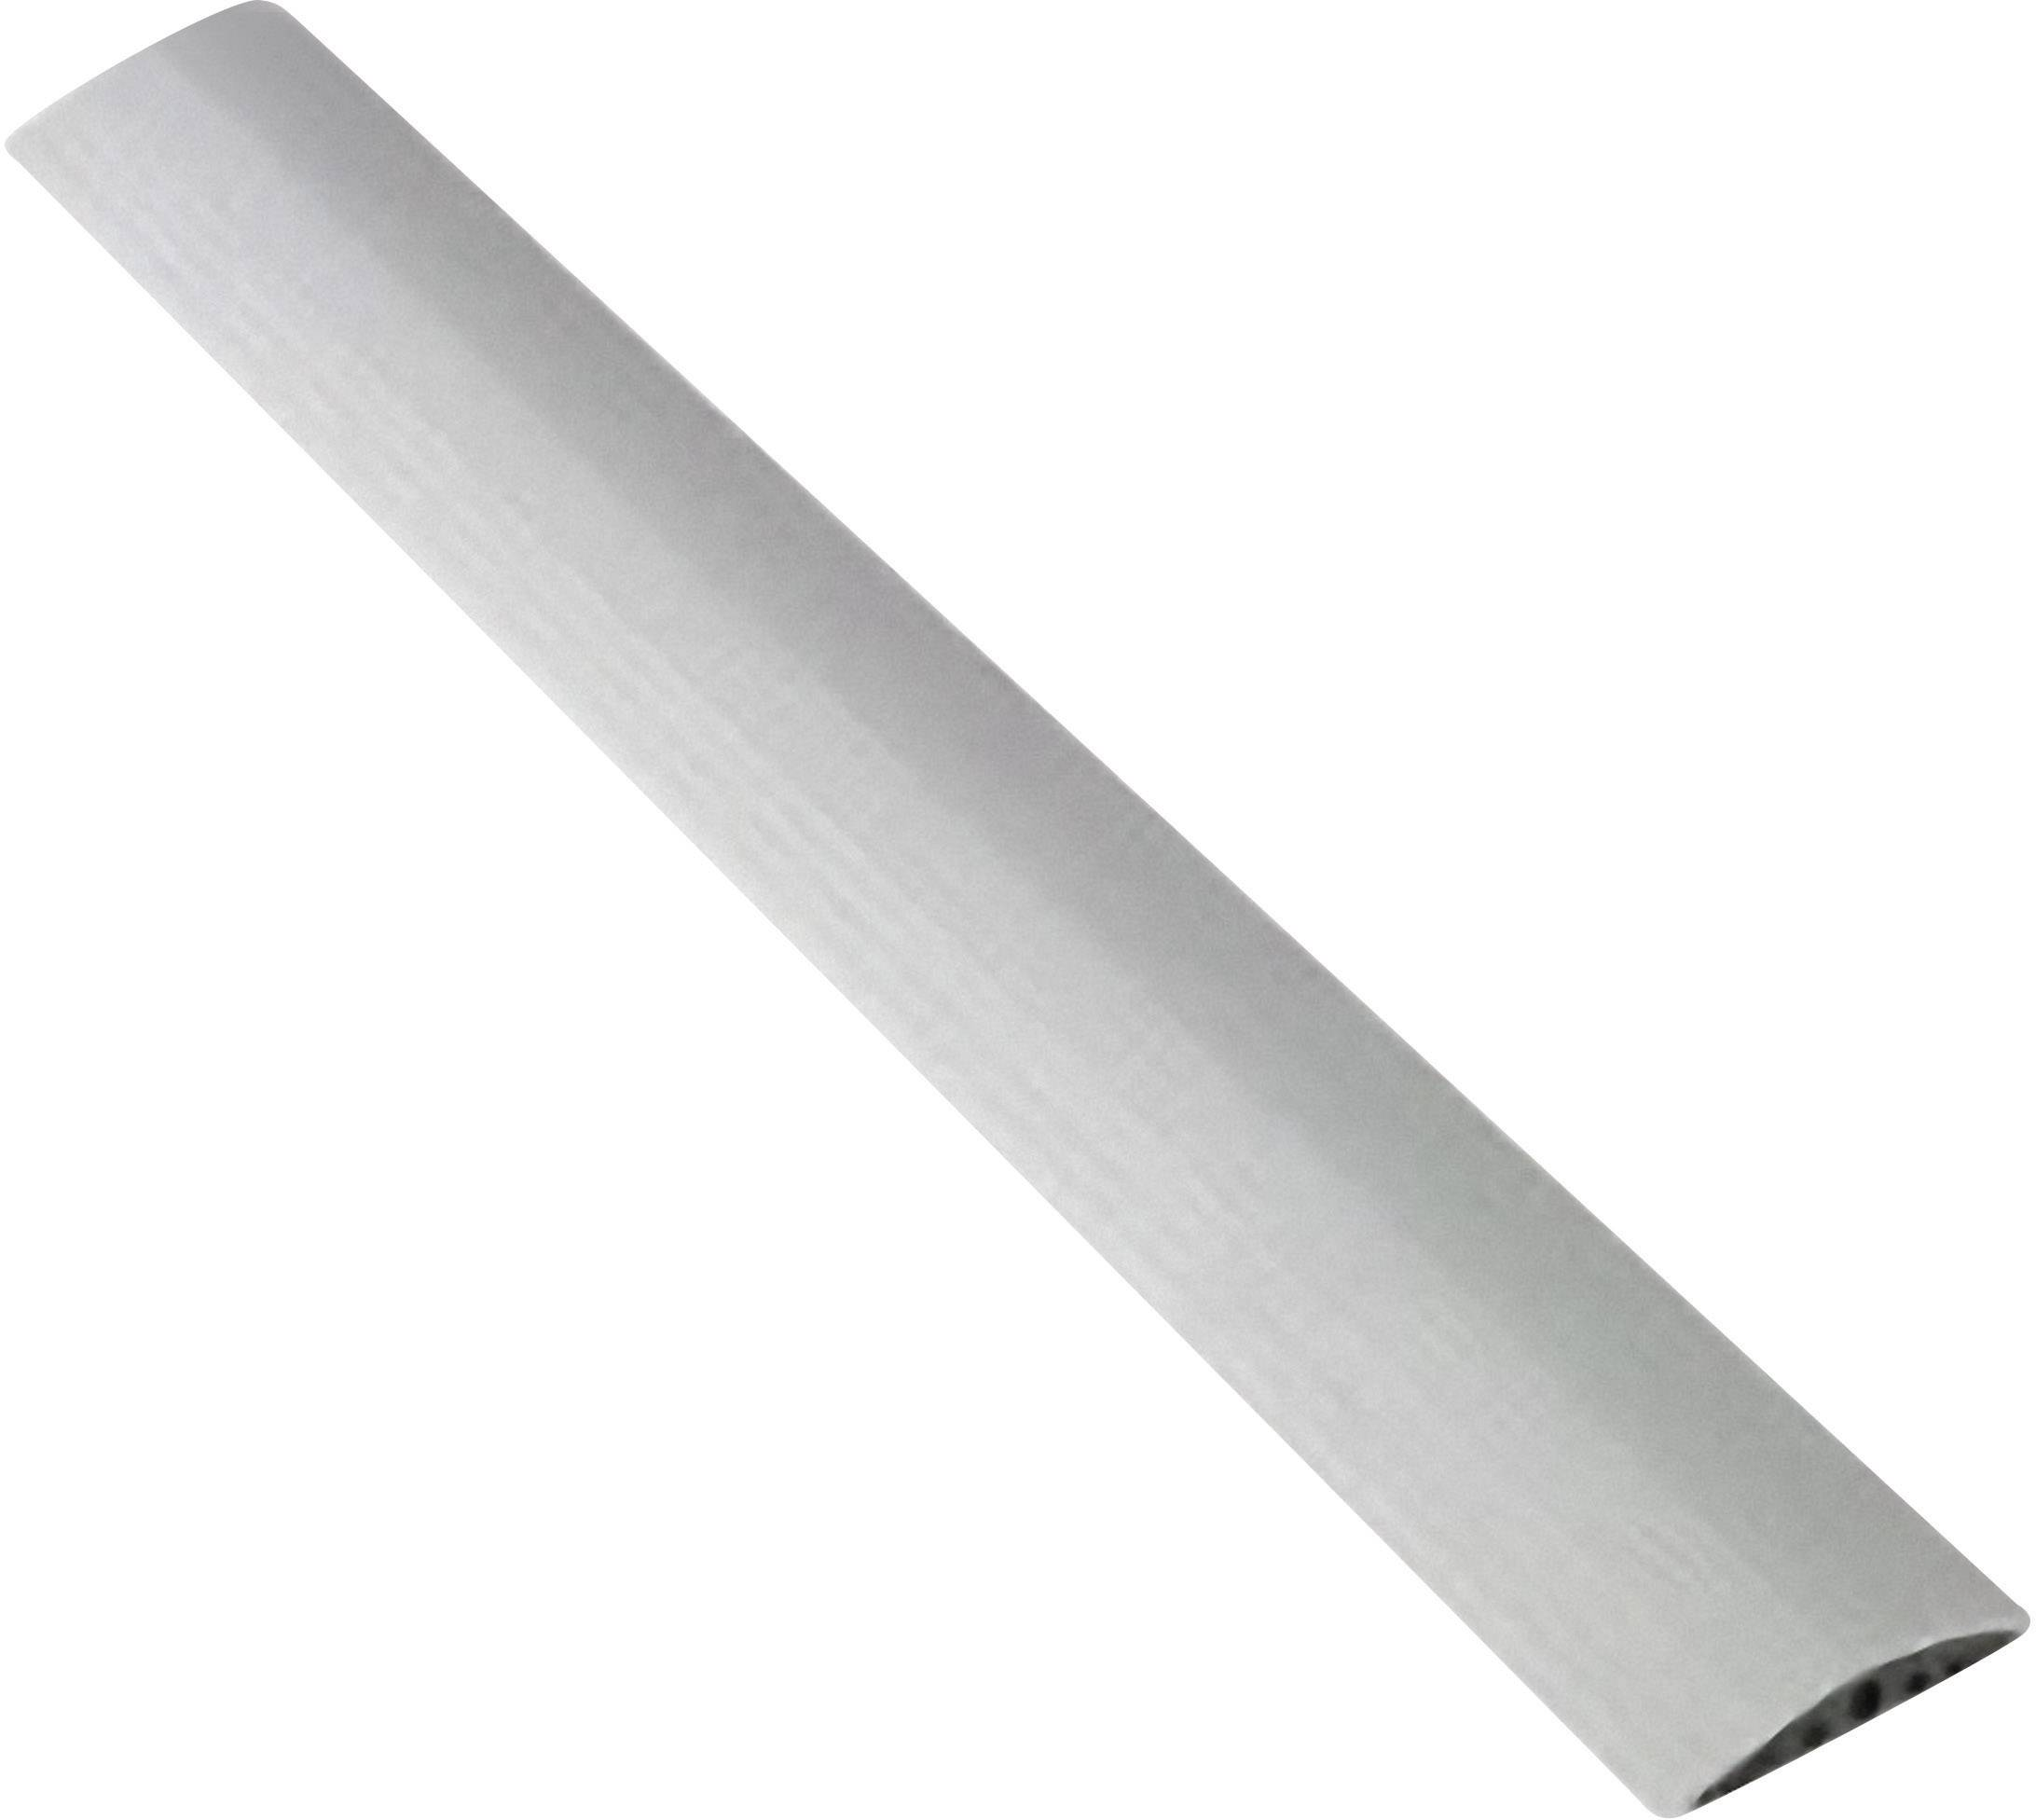 Kabelový můstek Serpa 5.01046.7042, 3 m x 95 mm, šedá